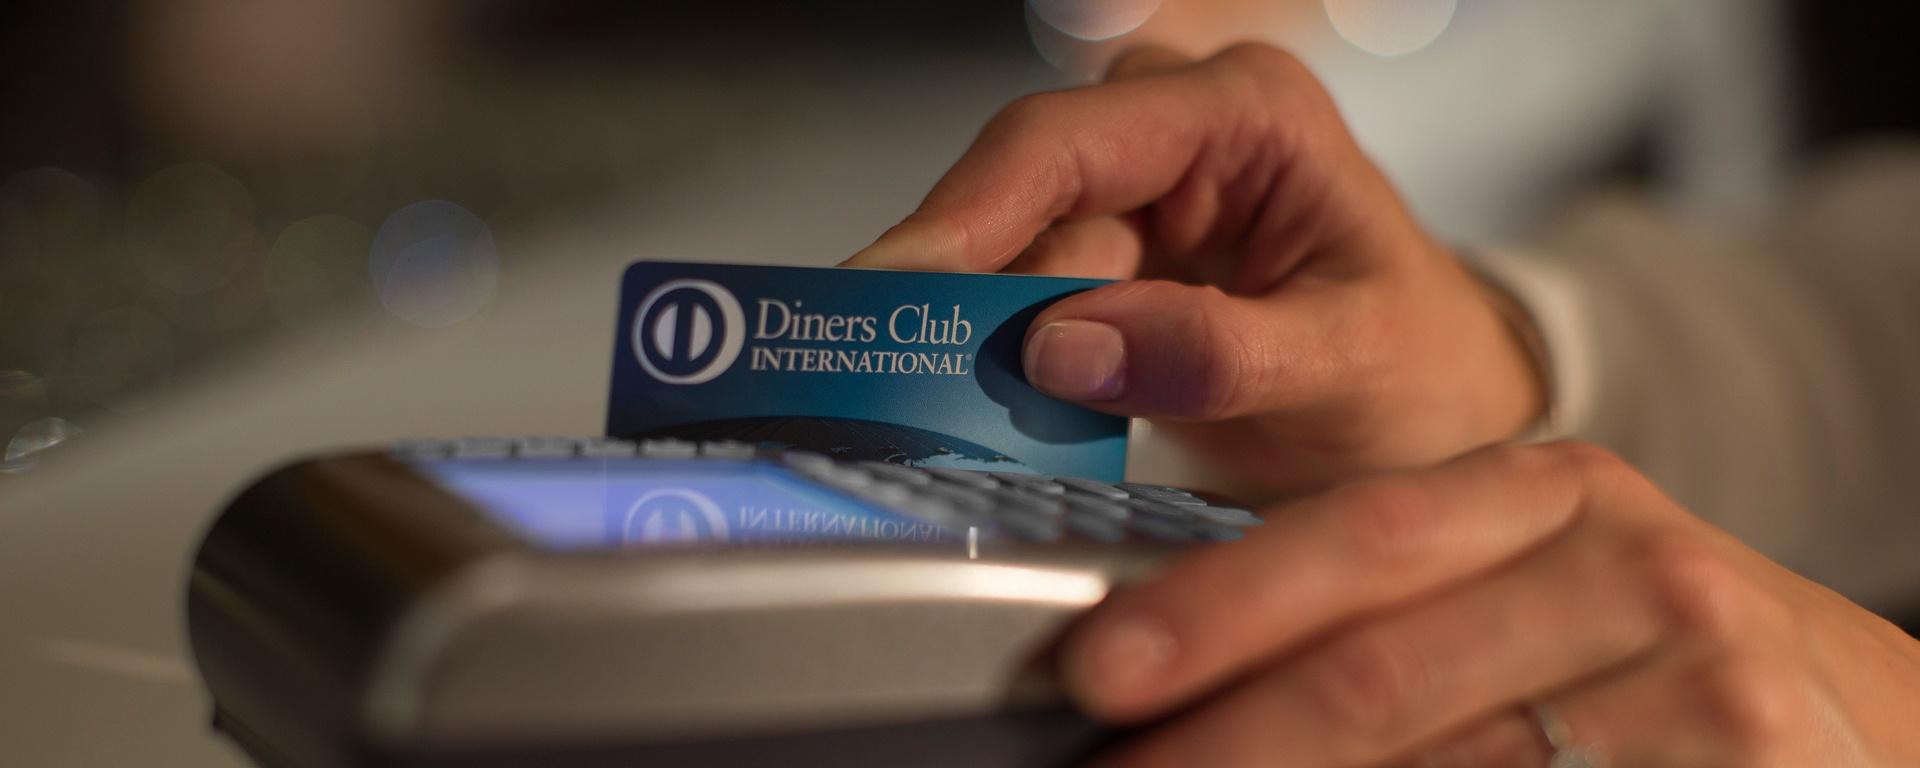 Conheça os 3 primeiros cartões de crédito usados no Brasil